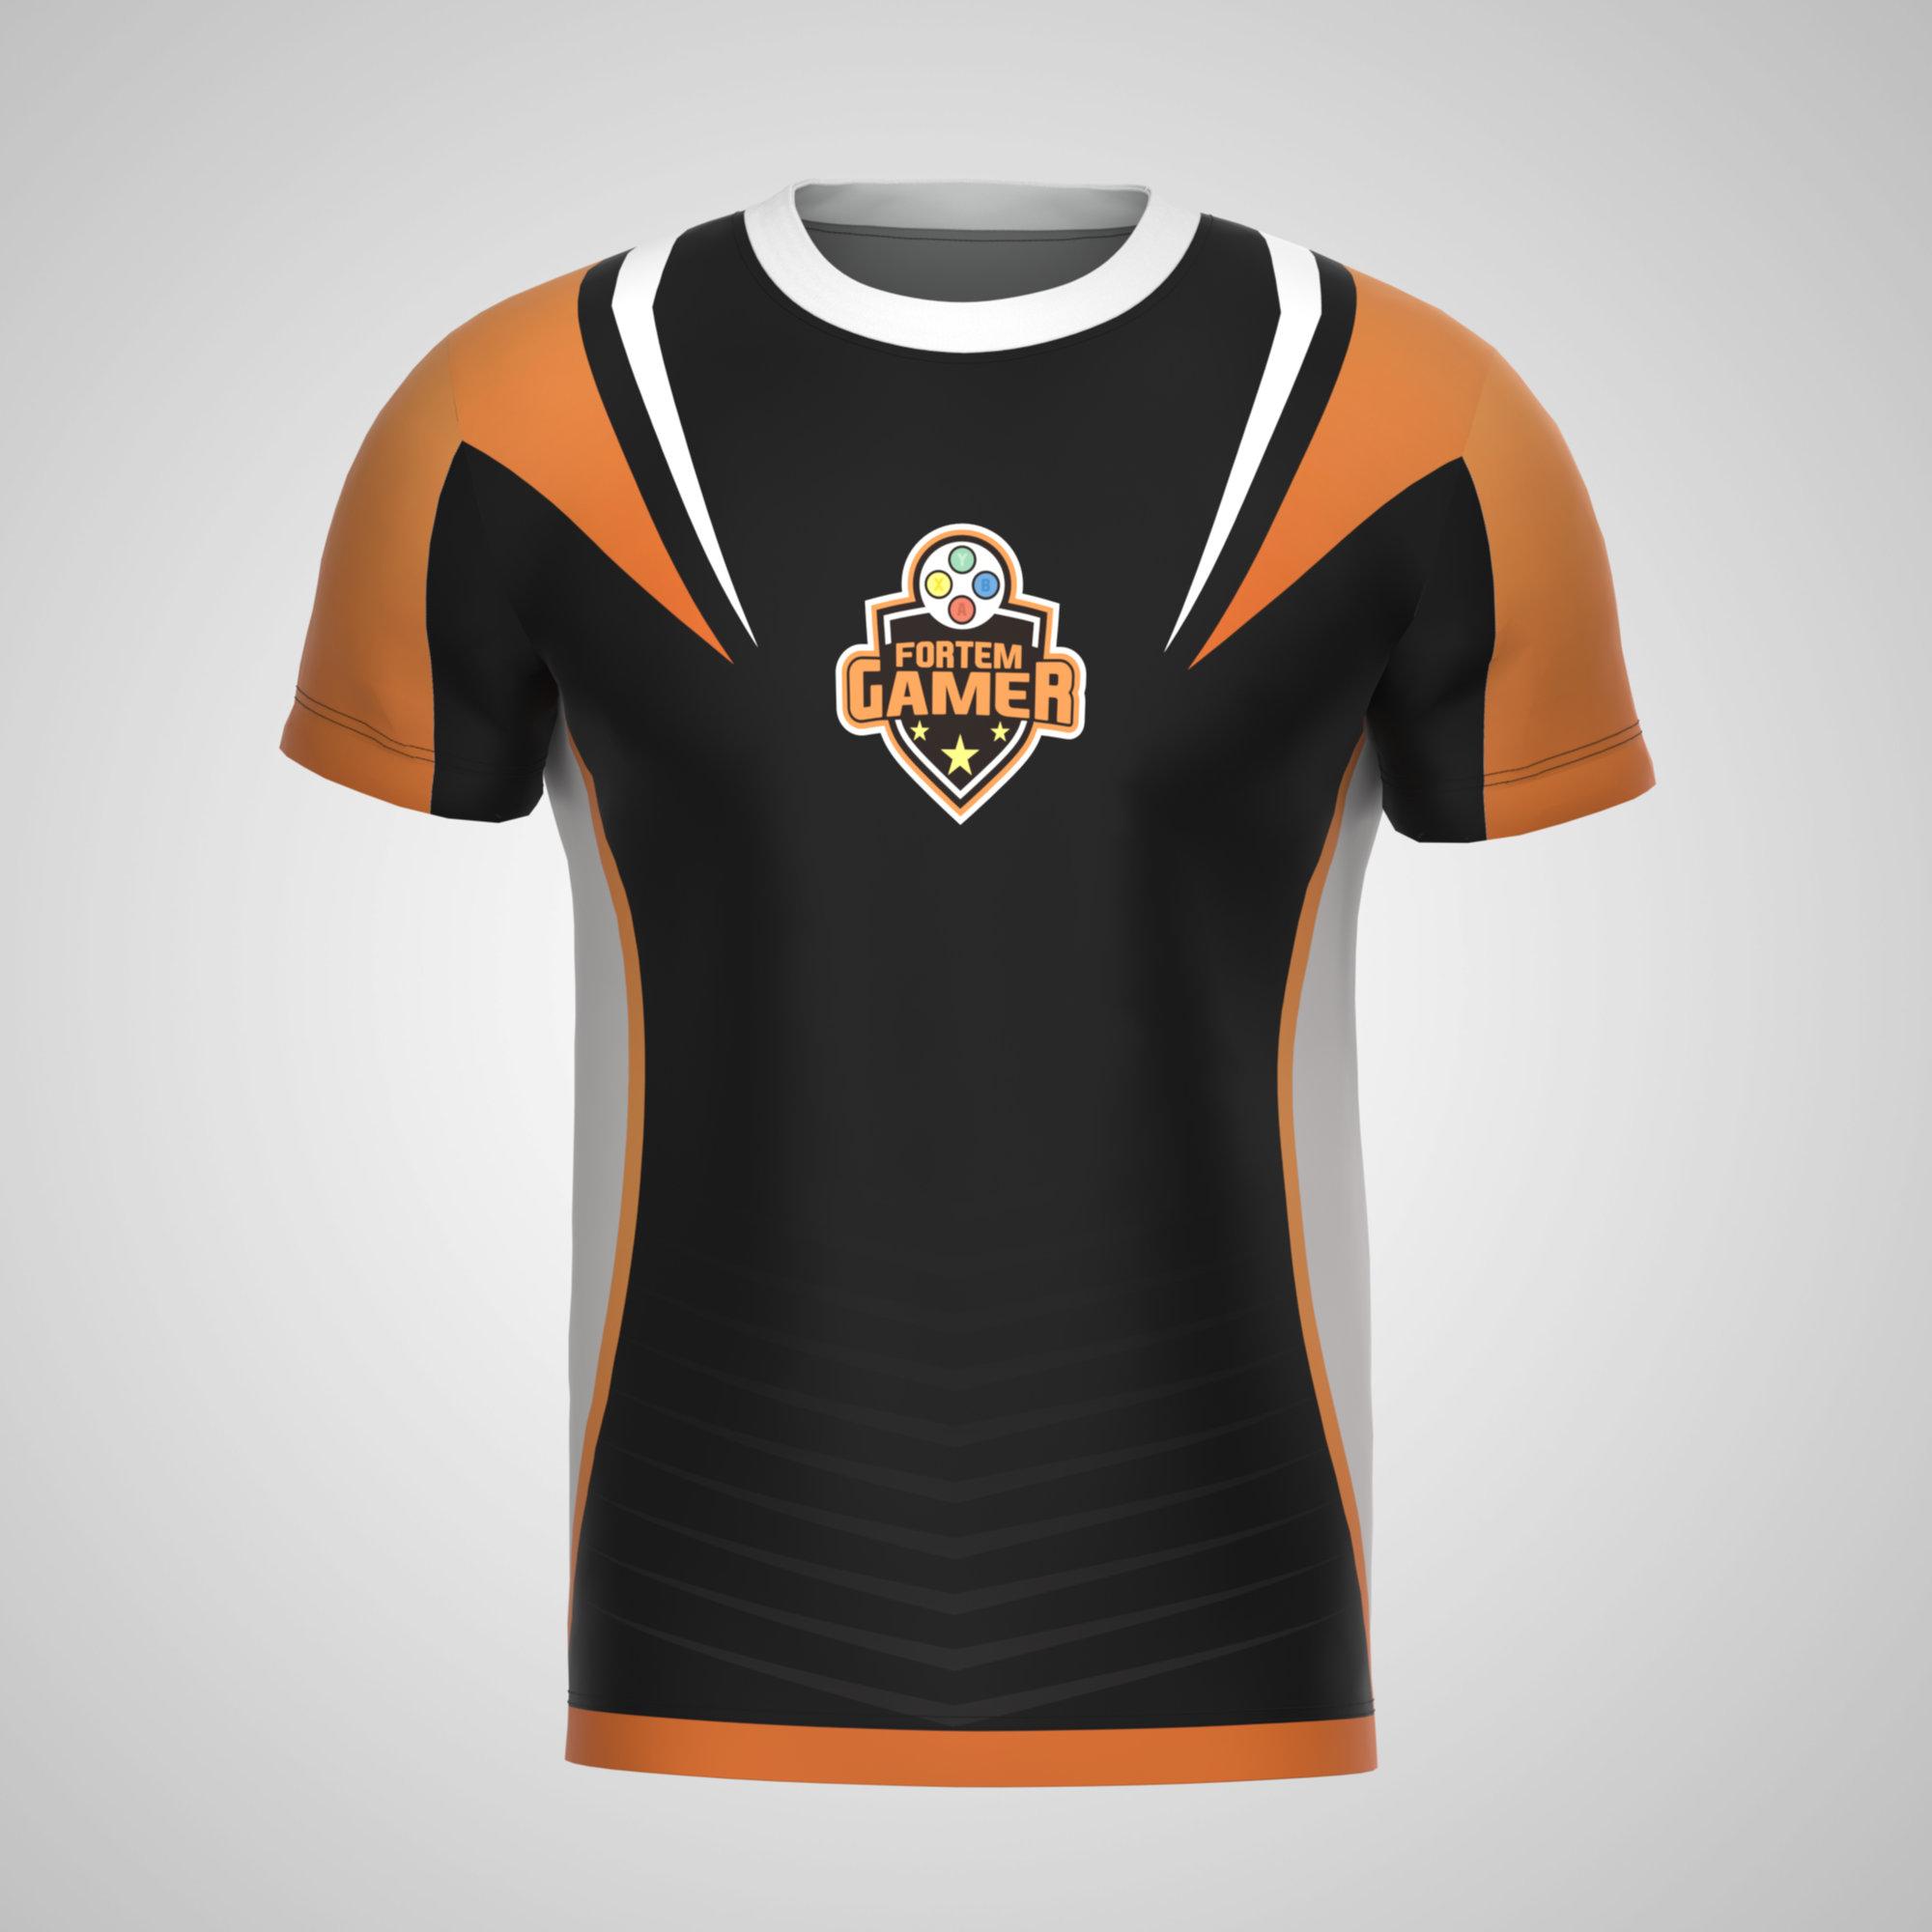 Esports Jersey - Round Neck